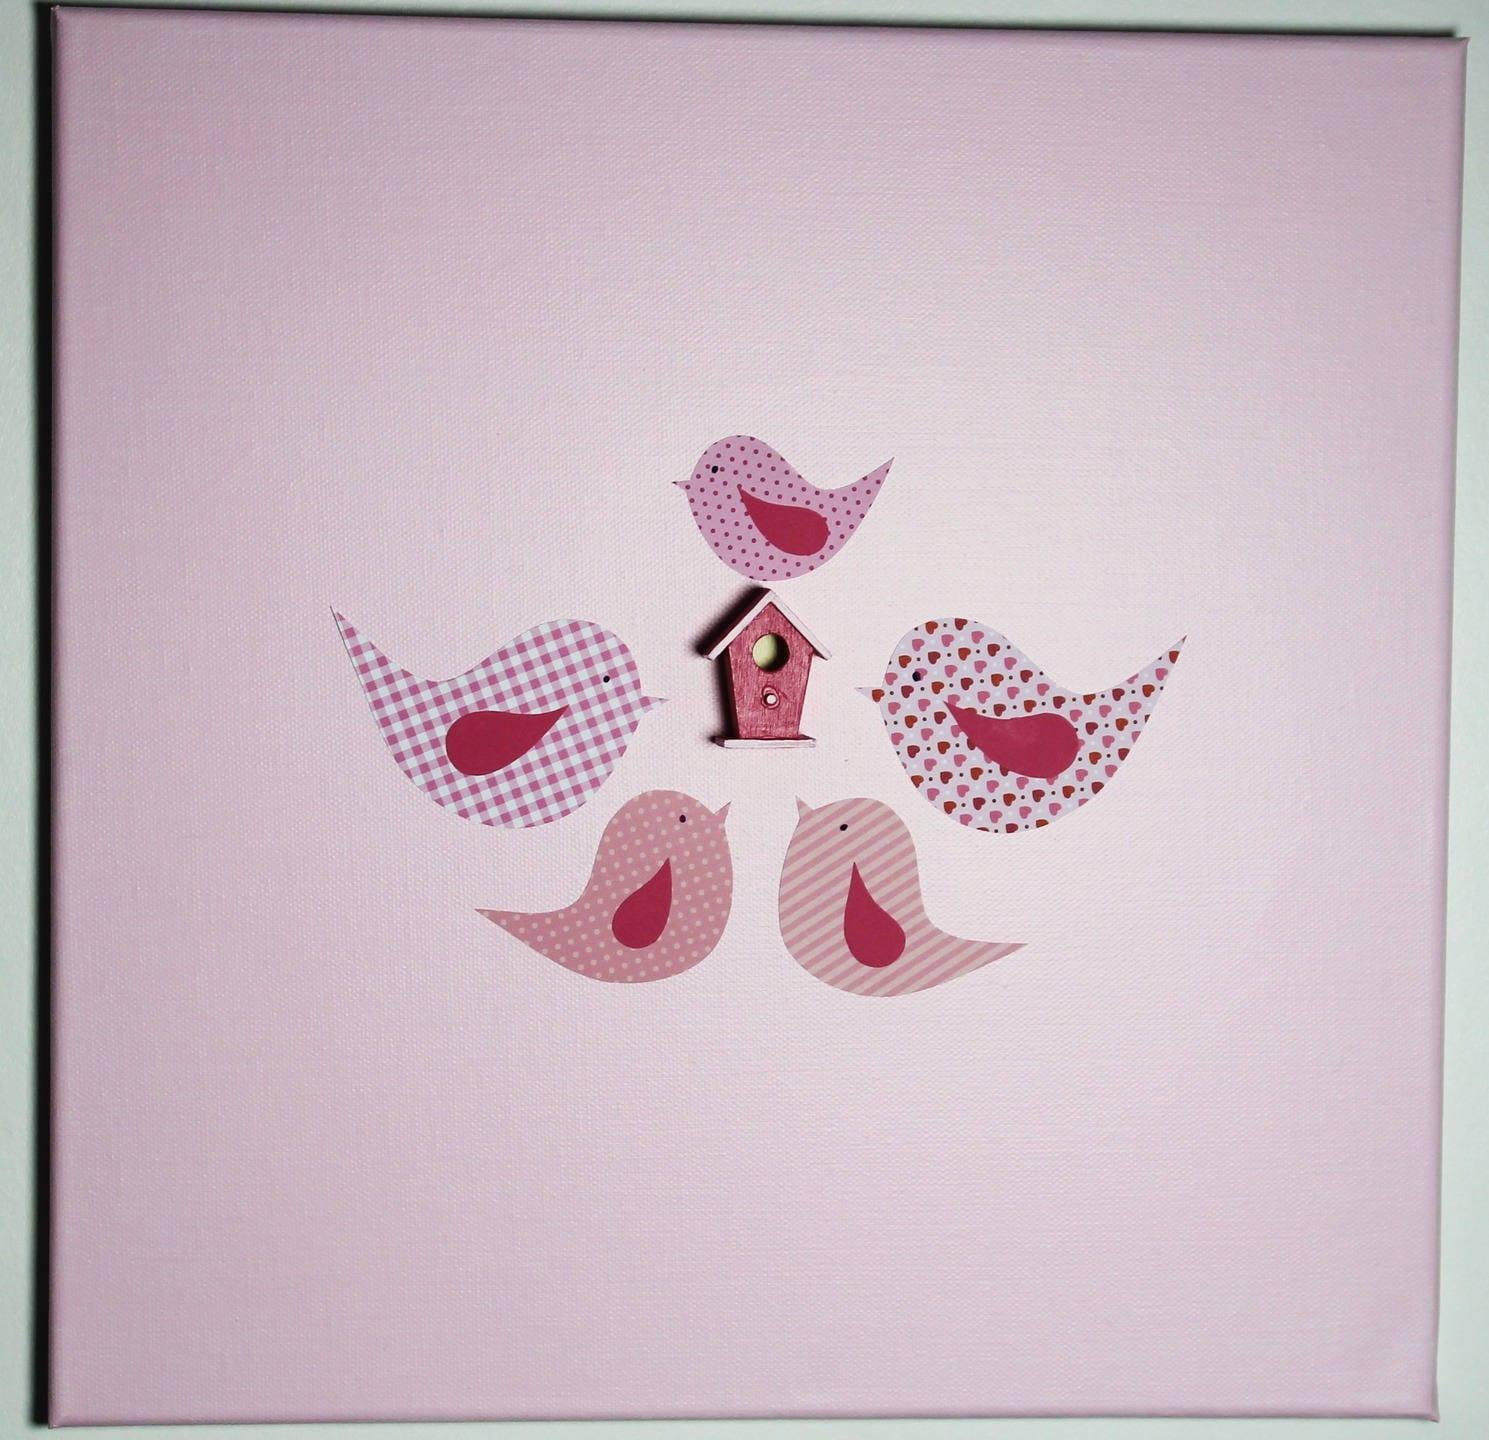 Tableau Toile OISEAUX Rose 40 x 40 cm Cadeau de naissance